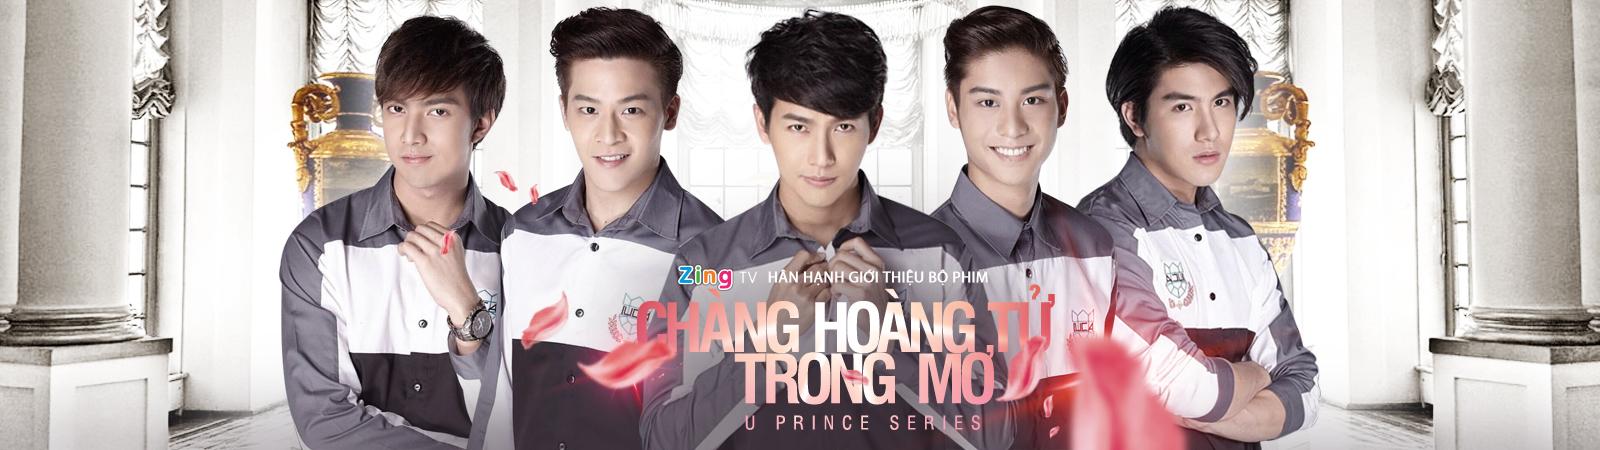 Tập 6 - U Prince Series - Chàng Hoàng Tử Trong Mơ